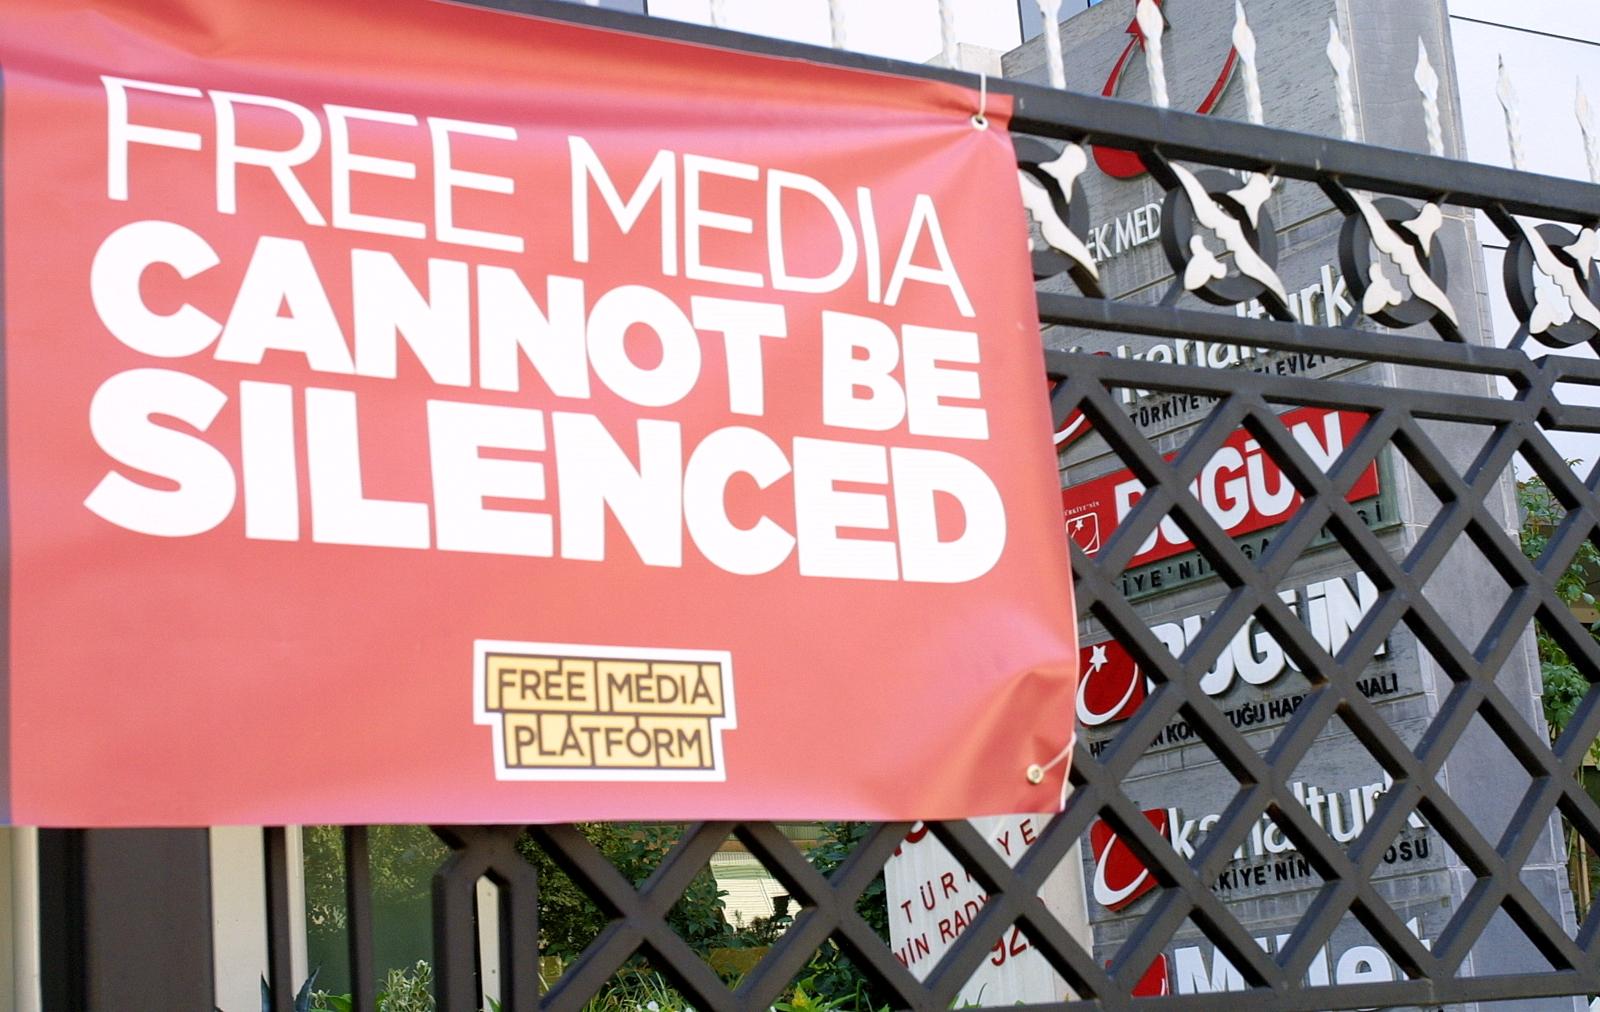 Опозиційна партія Туреччини створює комісію, щоби контролювати наступ на ЗМІ в країні